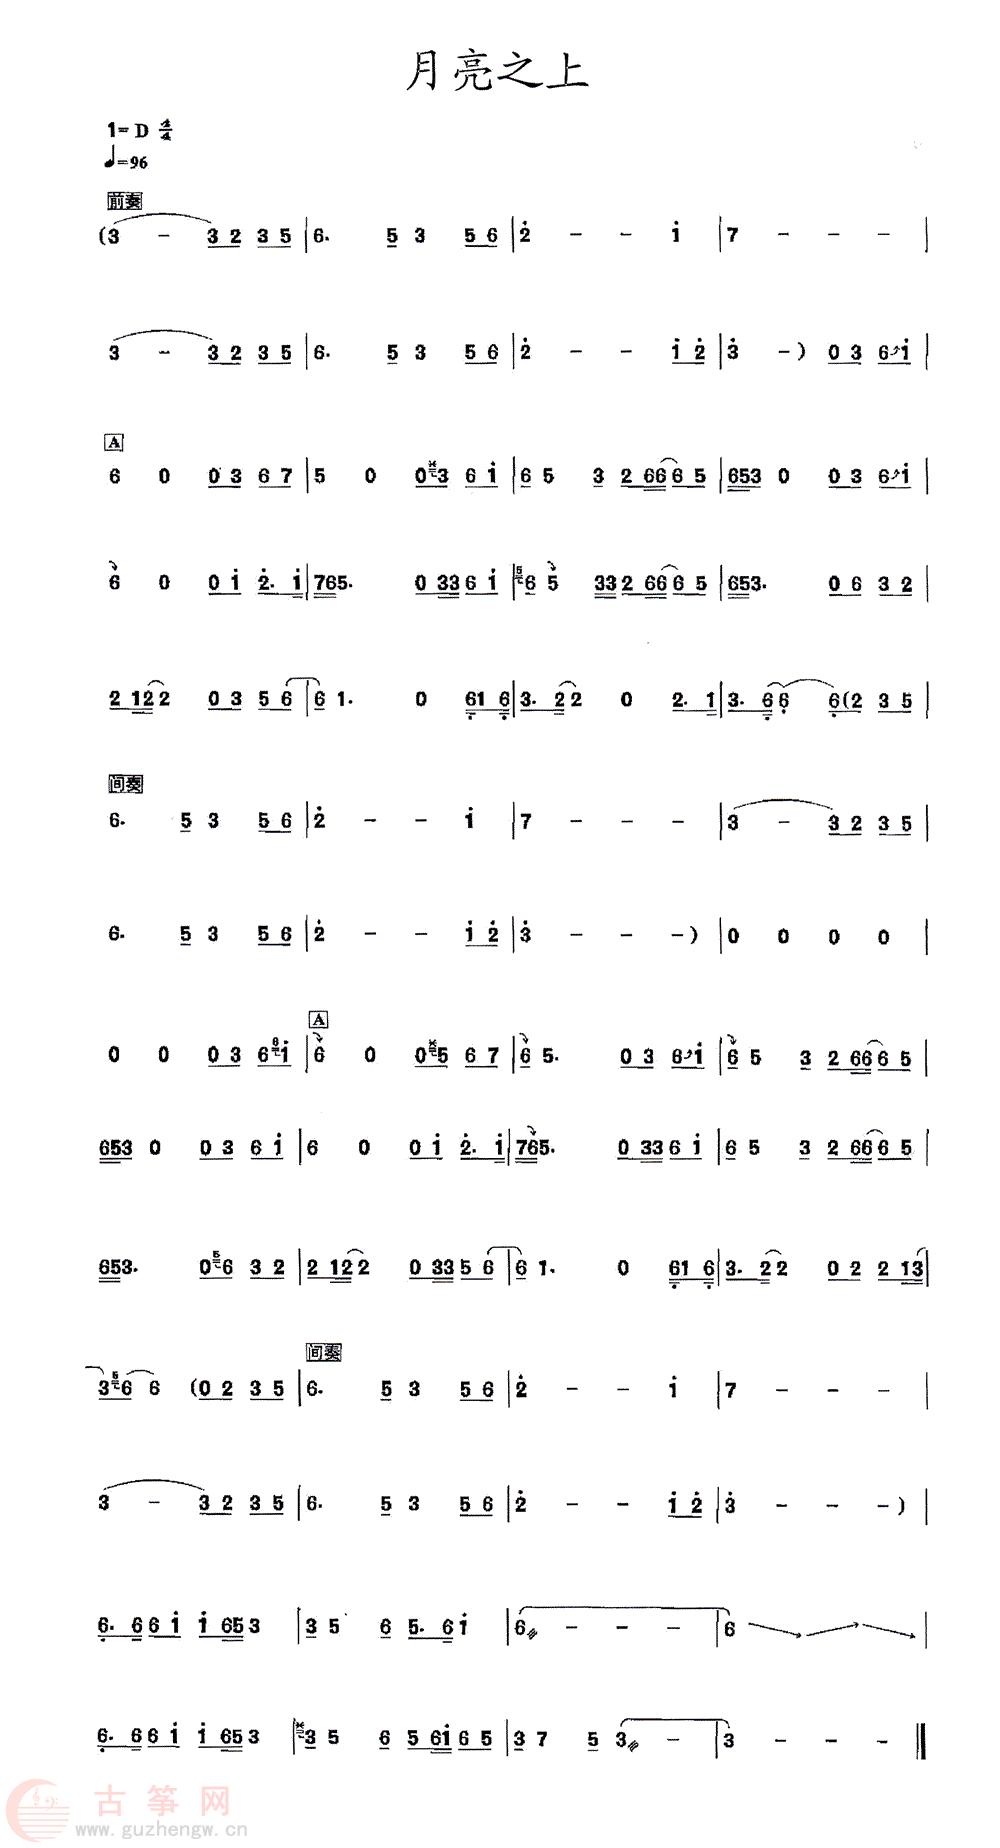 月亮之上(d调曲谱) - 流行古筝曲谱 - 中国古筝商城